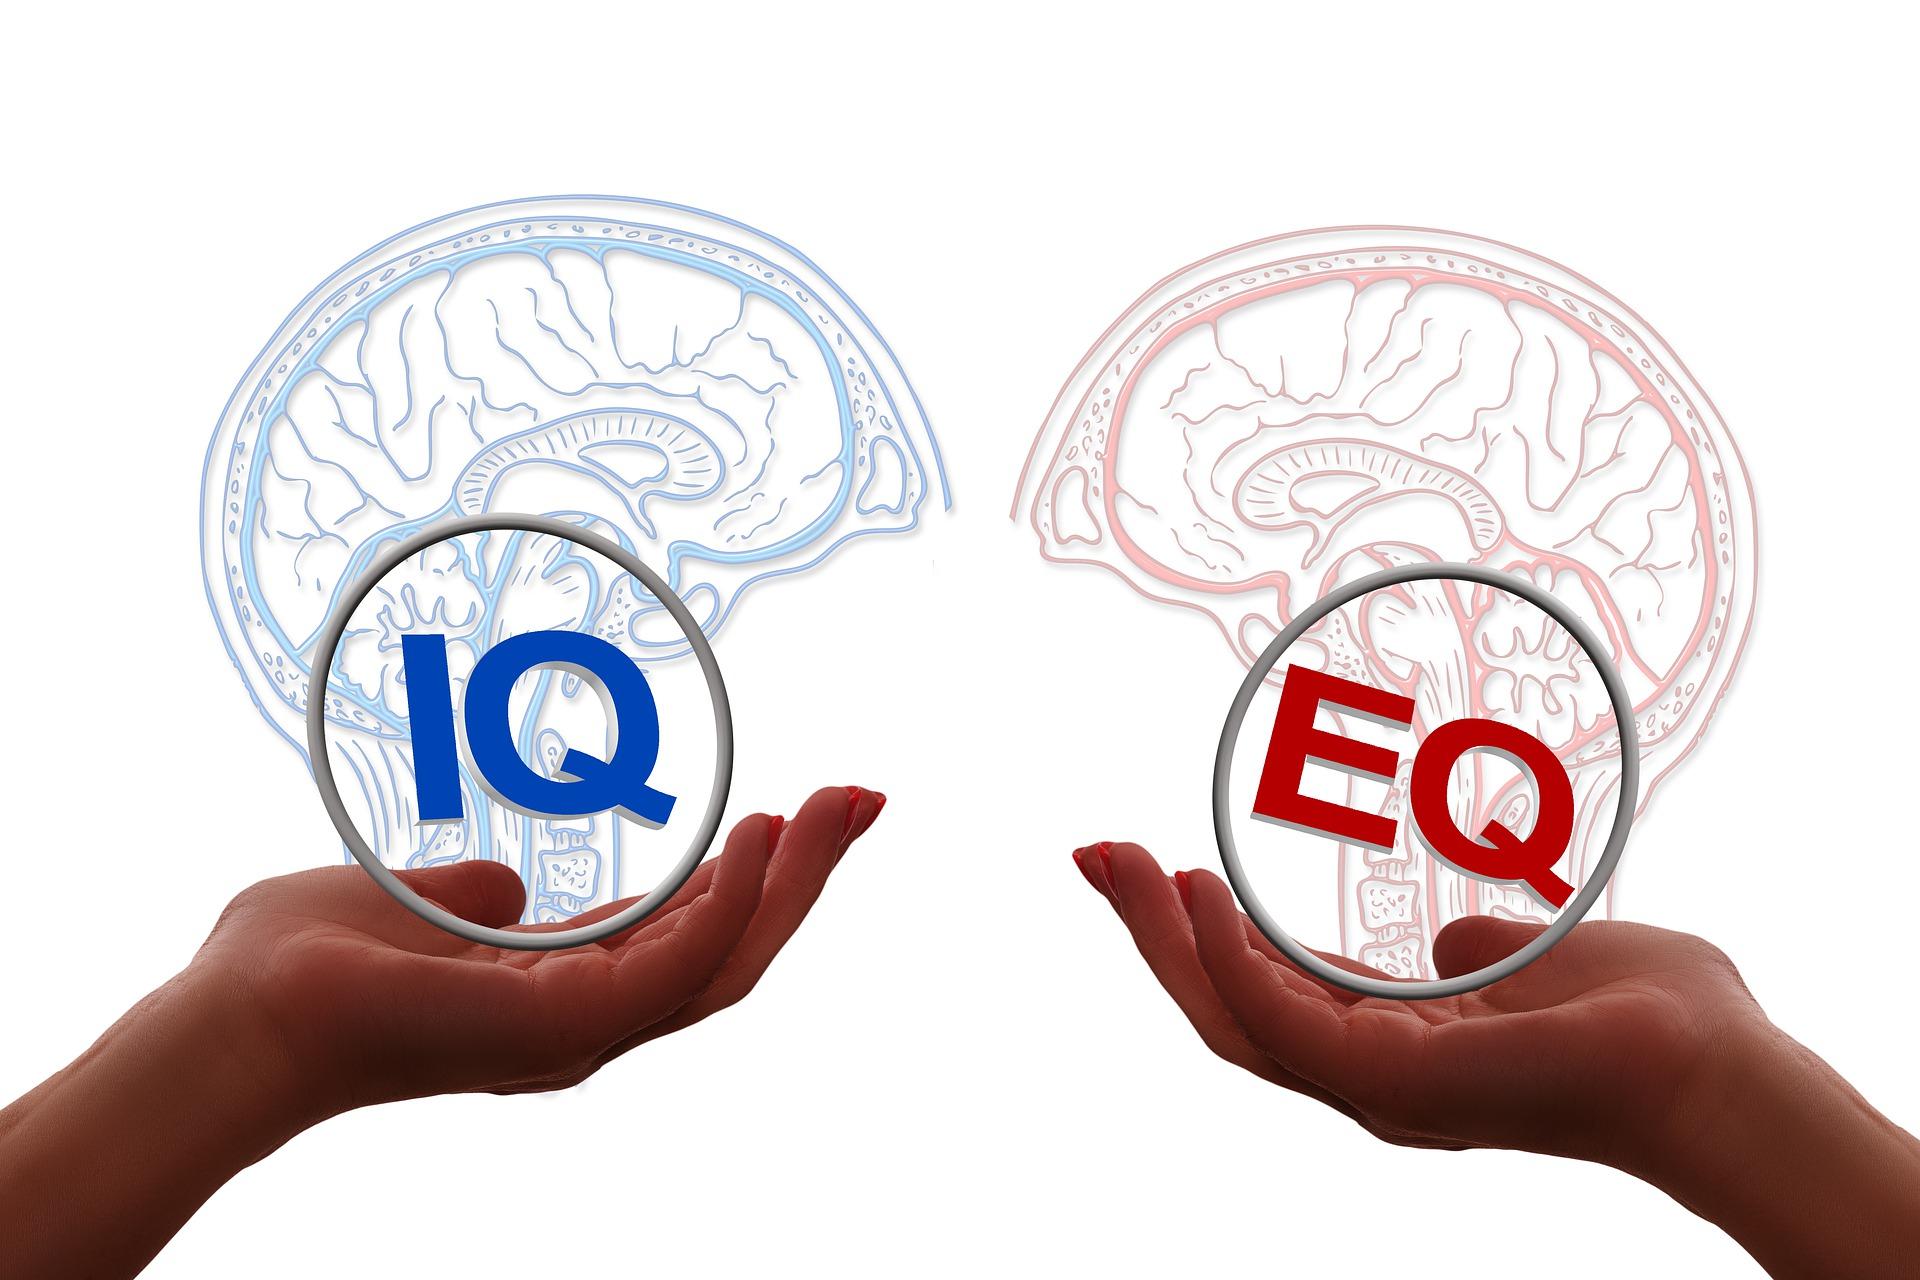 Emotional Intelligence, The Four Traits